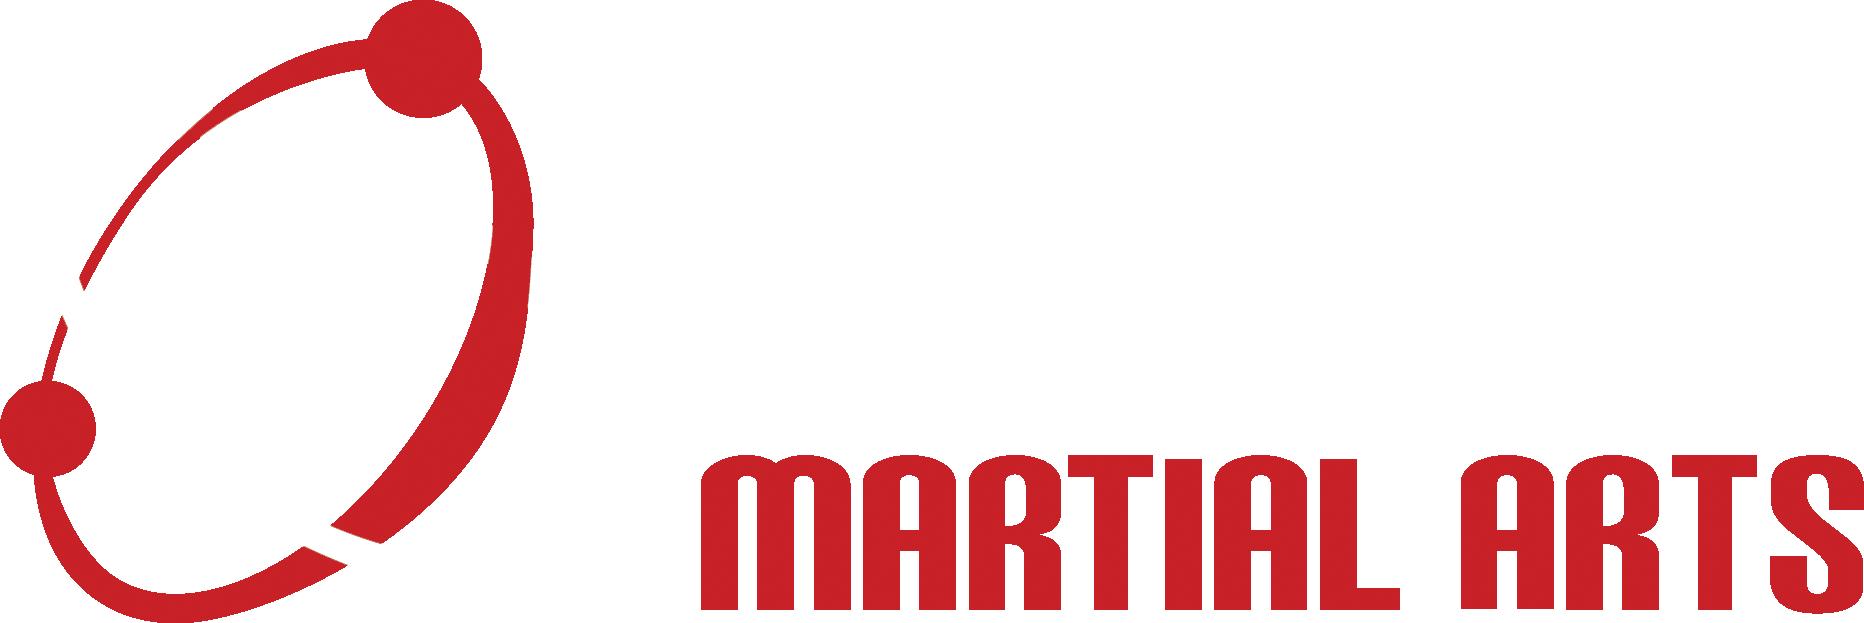 Street Martial Art